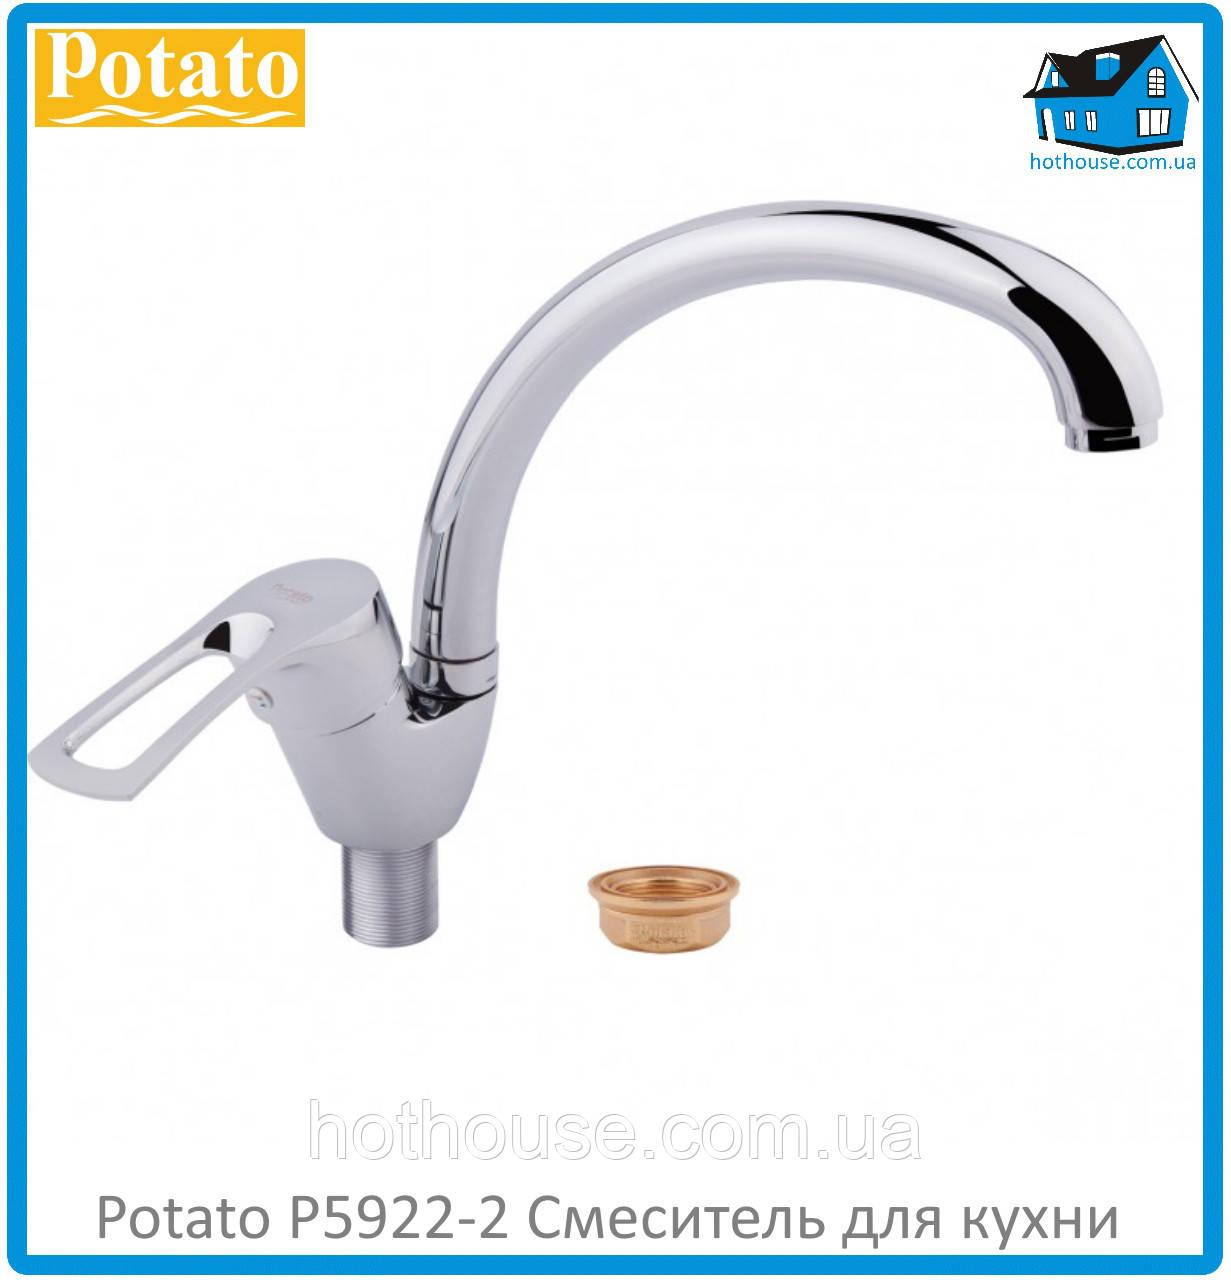 Смеситель для кухни Potato P5922-2